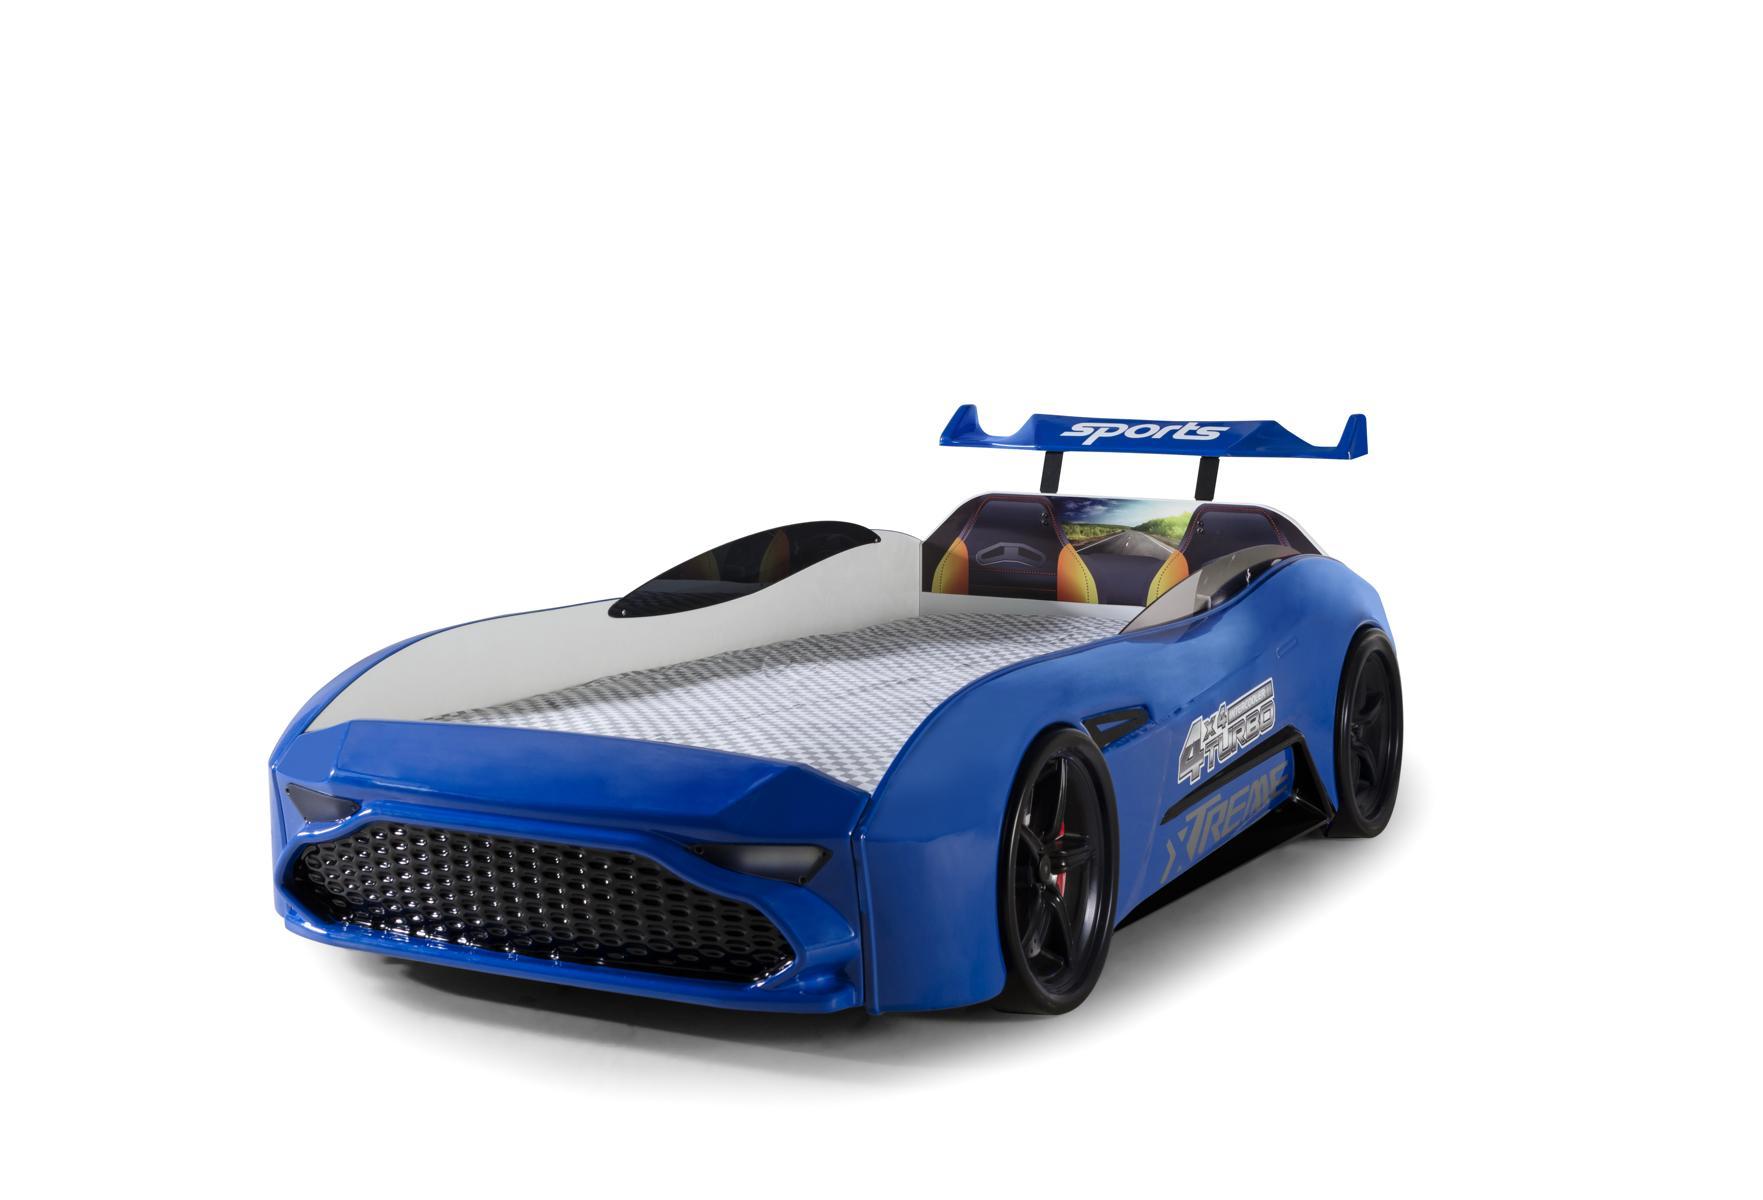 Autobett GT18 Turbo 4x4 Extreme Blau mit Bluetooth